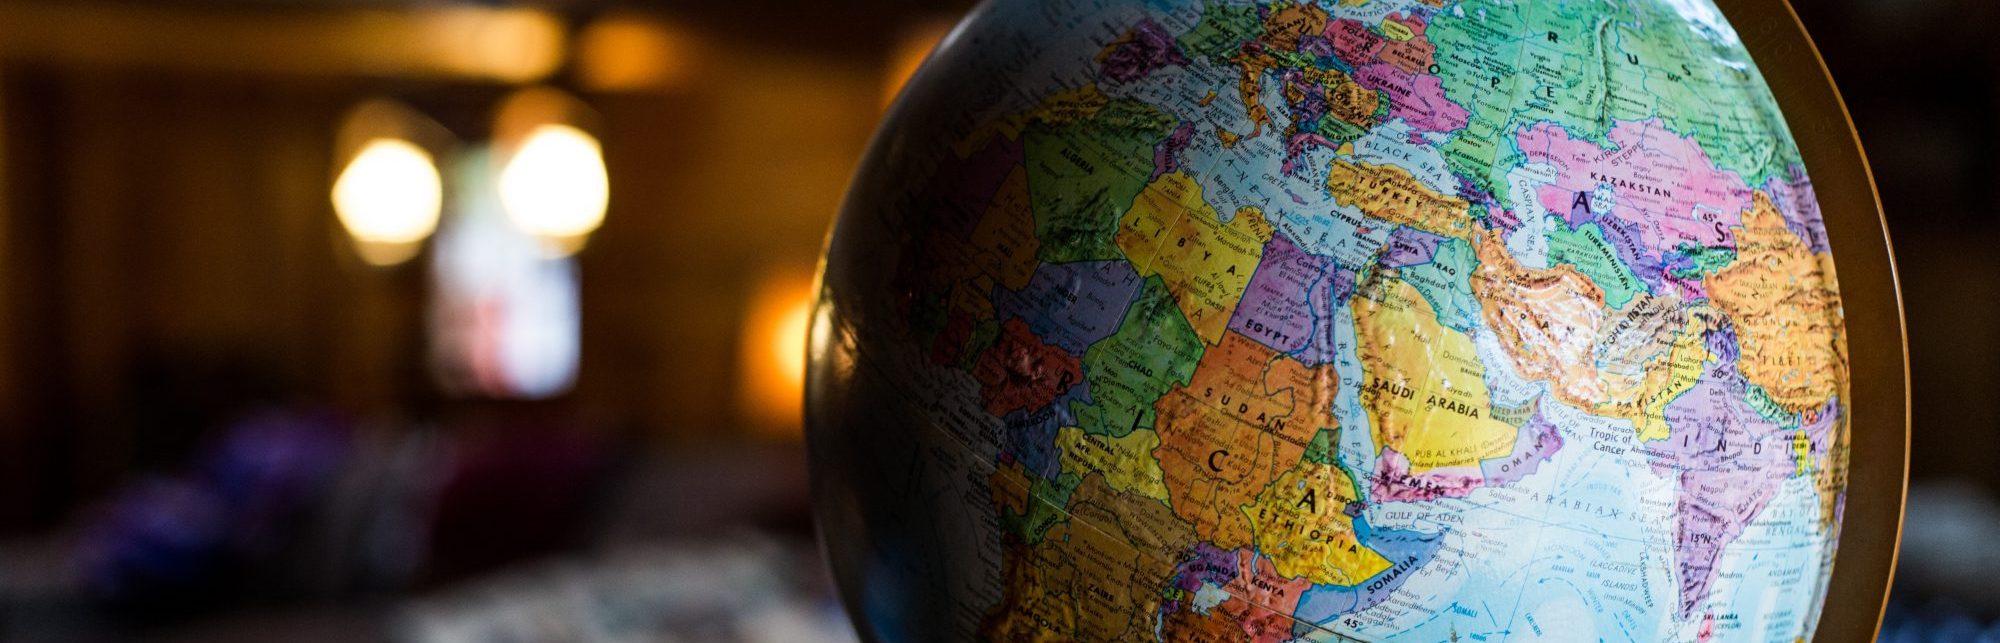 Global equities market volatility update